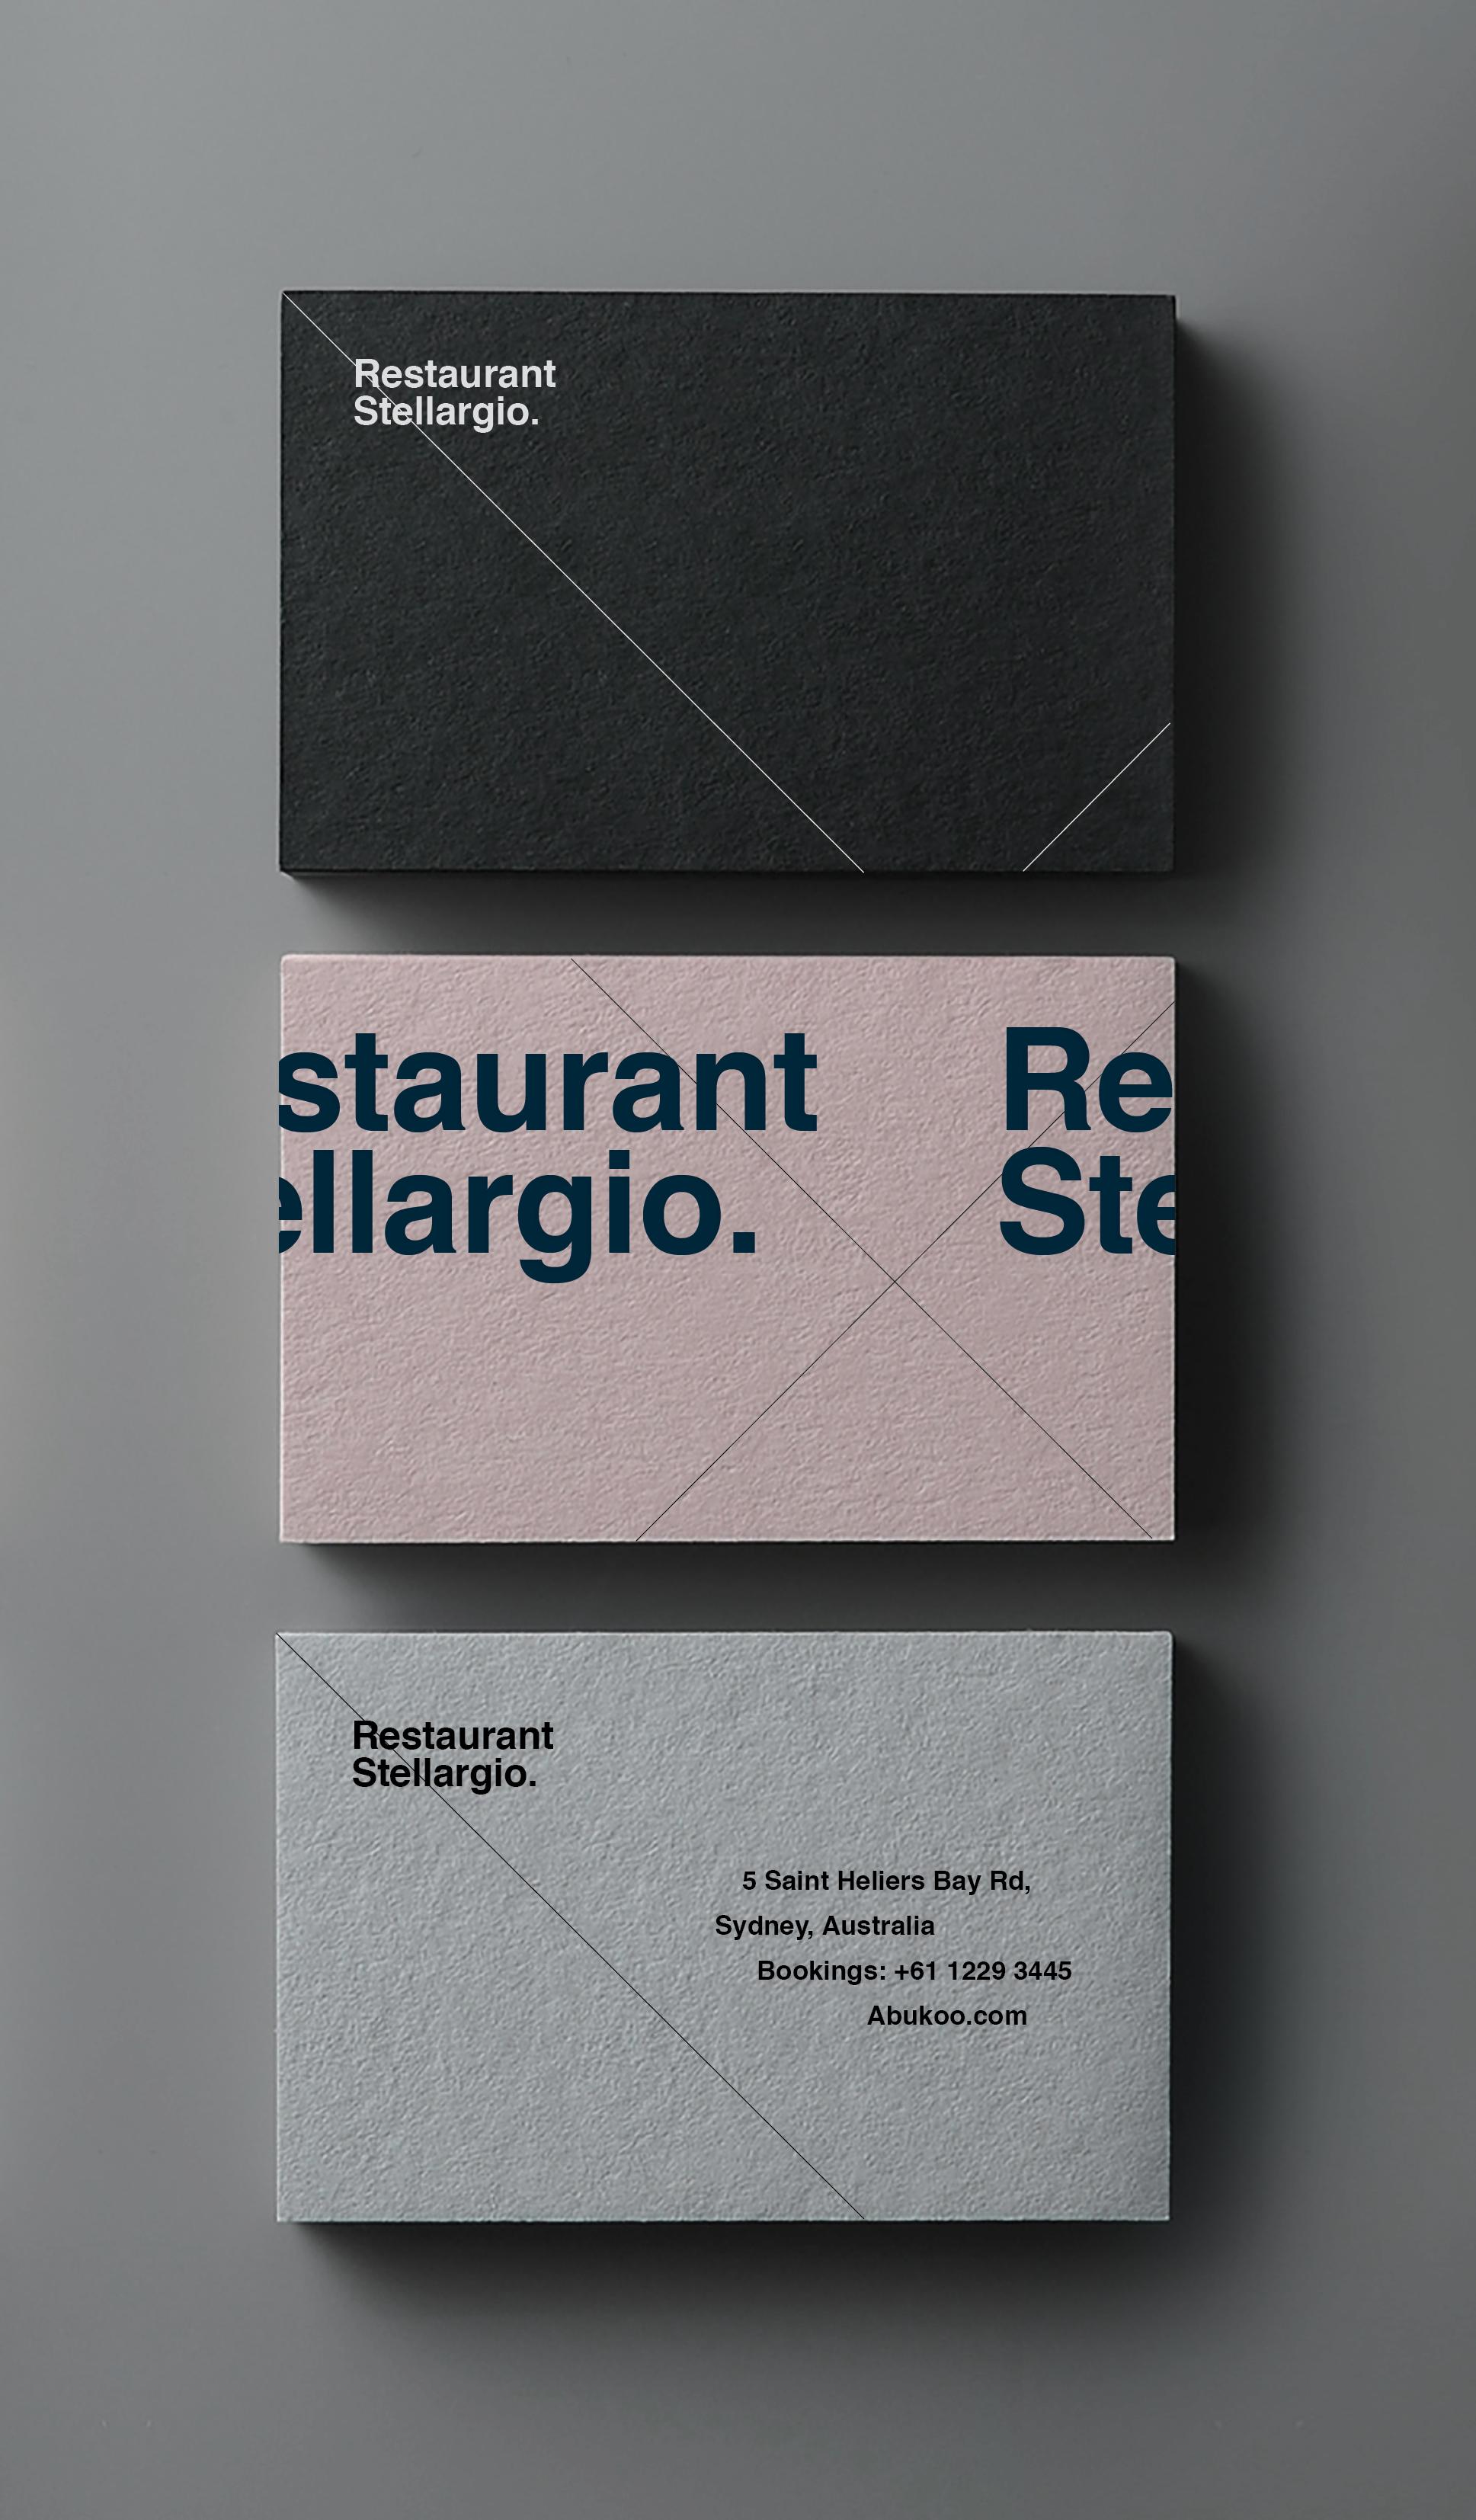 Business Card Design Restaurant Branding Graphic Design Business Card Business Cards Creative Business Card Template Design